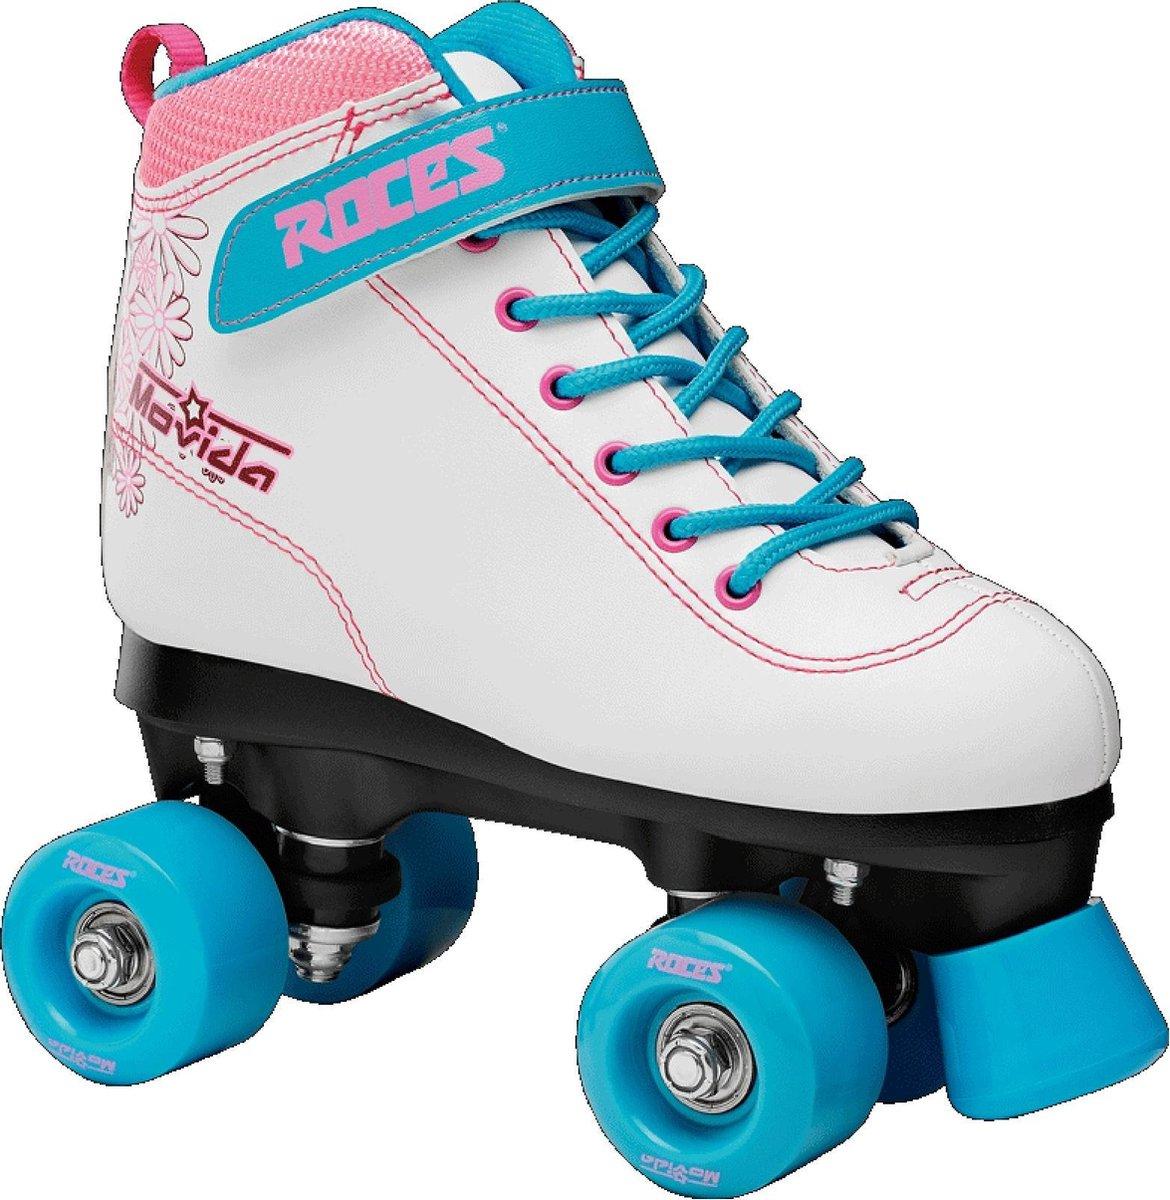 Roces Rolschaatsen - Maat 39Kinderen en volwassenen - wit - roze - blauw